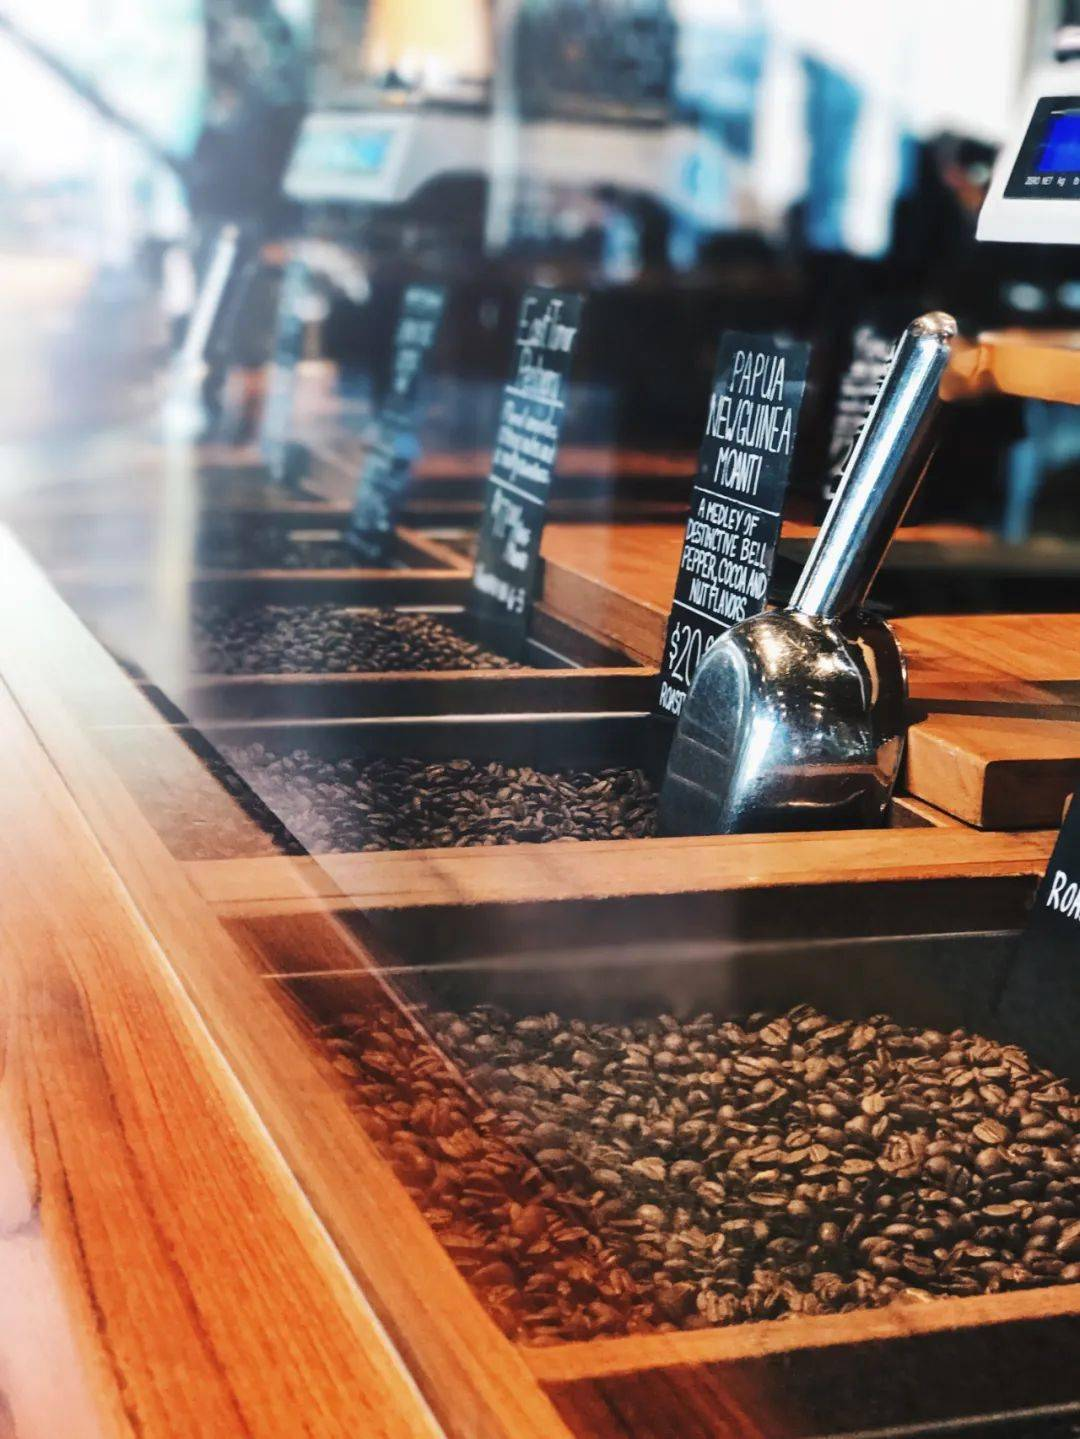 来了解一下烘焙对咖啡风味的影响 防坑必看 第3张